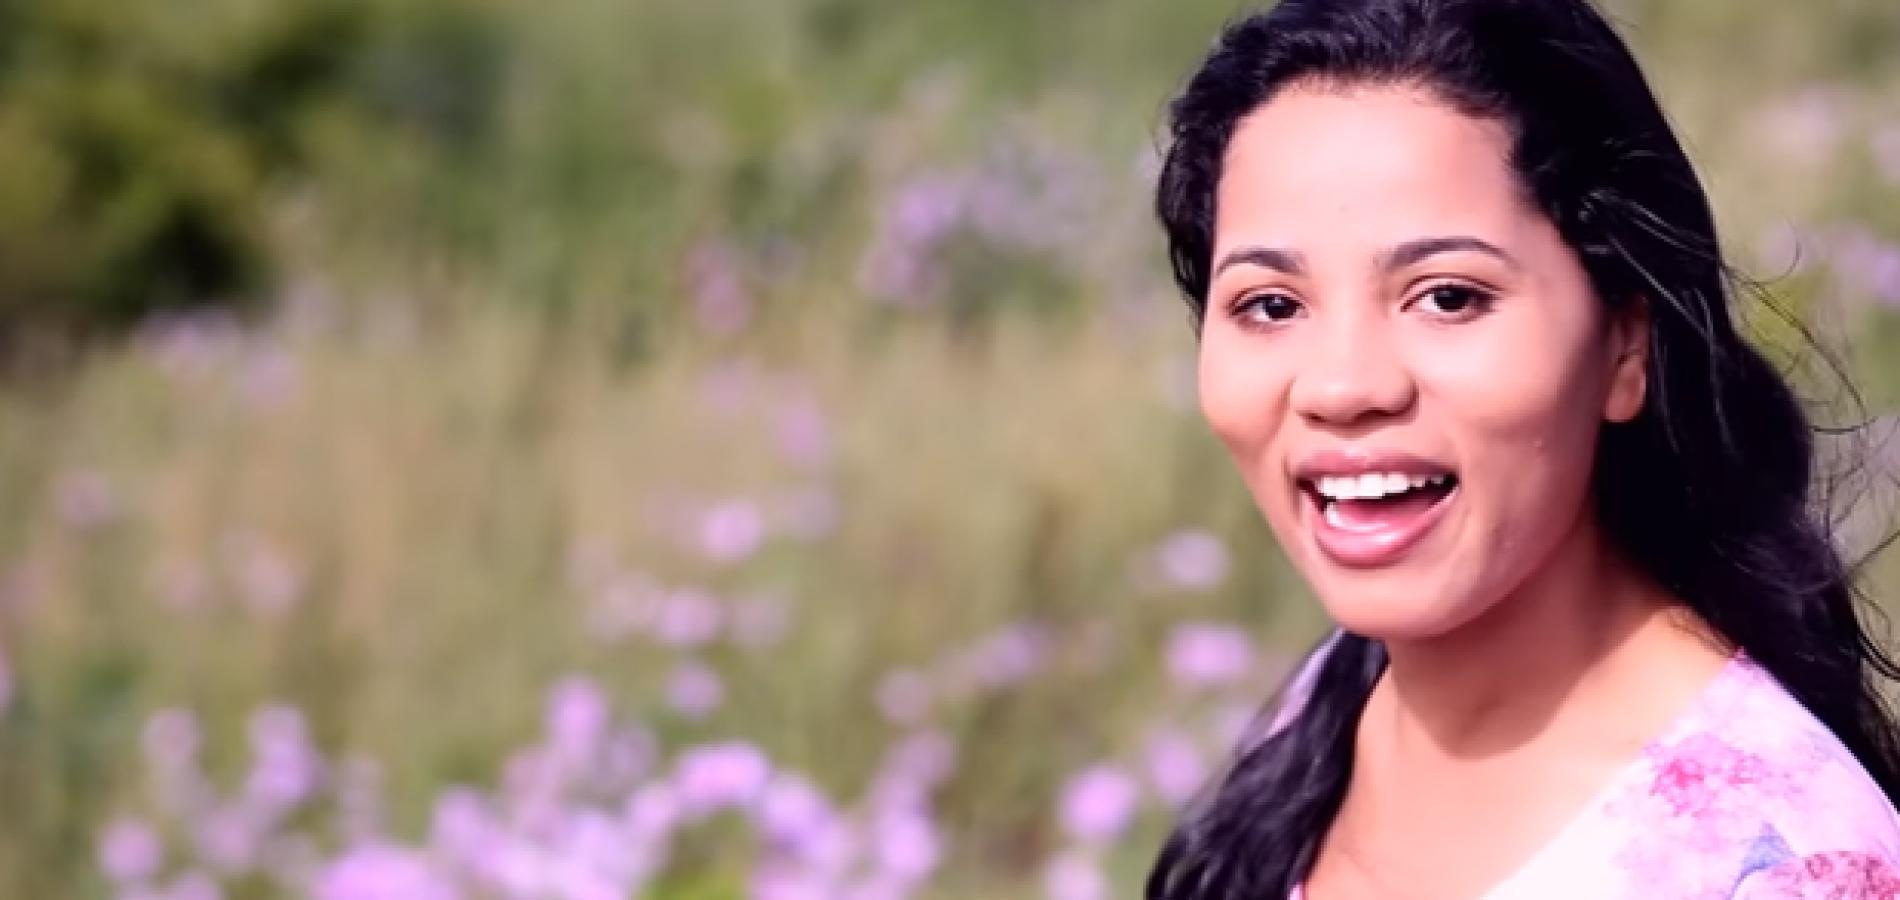 Stefhany lança clipe de música gospel e mostra dramas em casamento